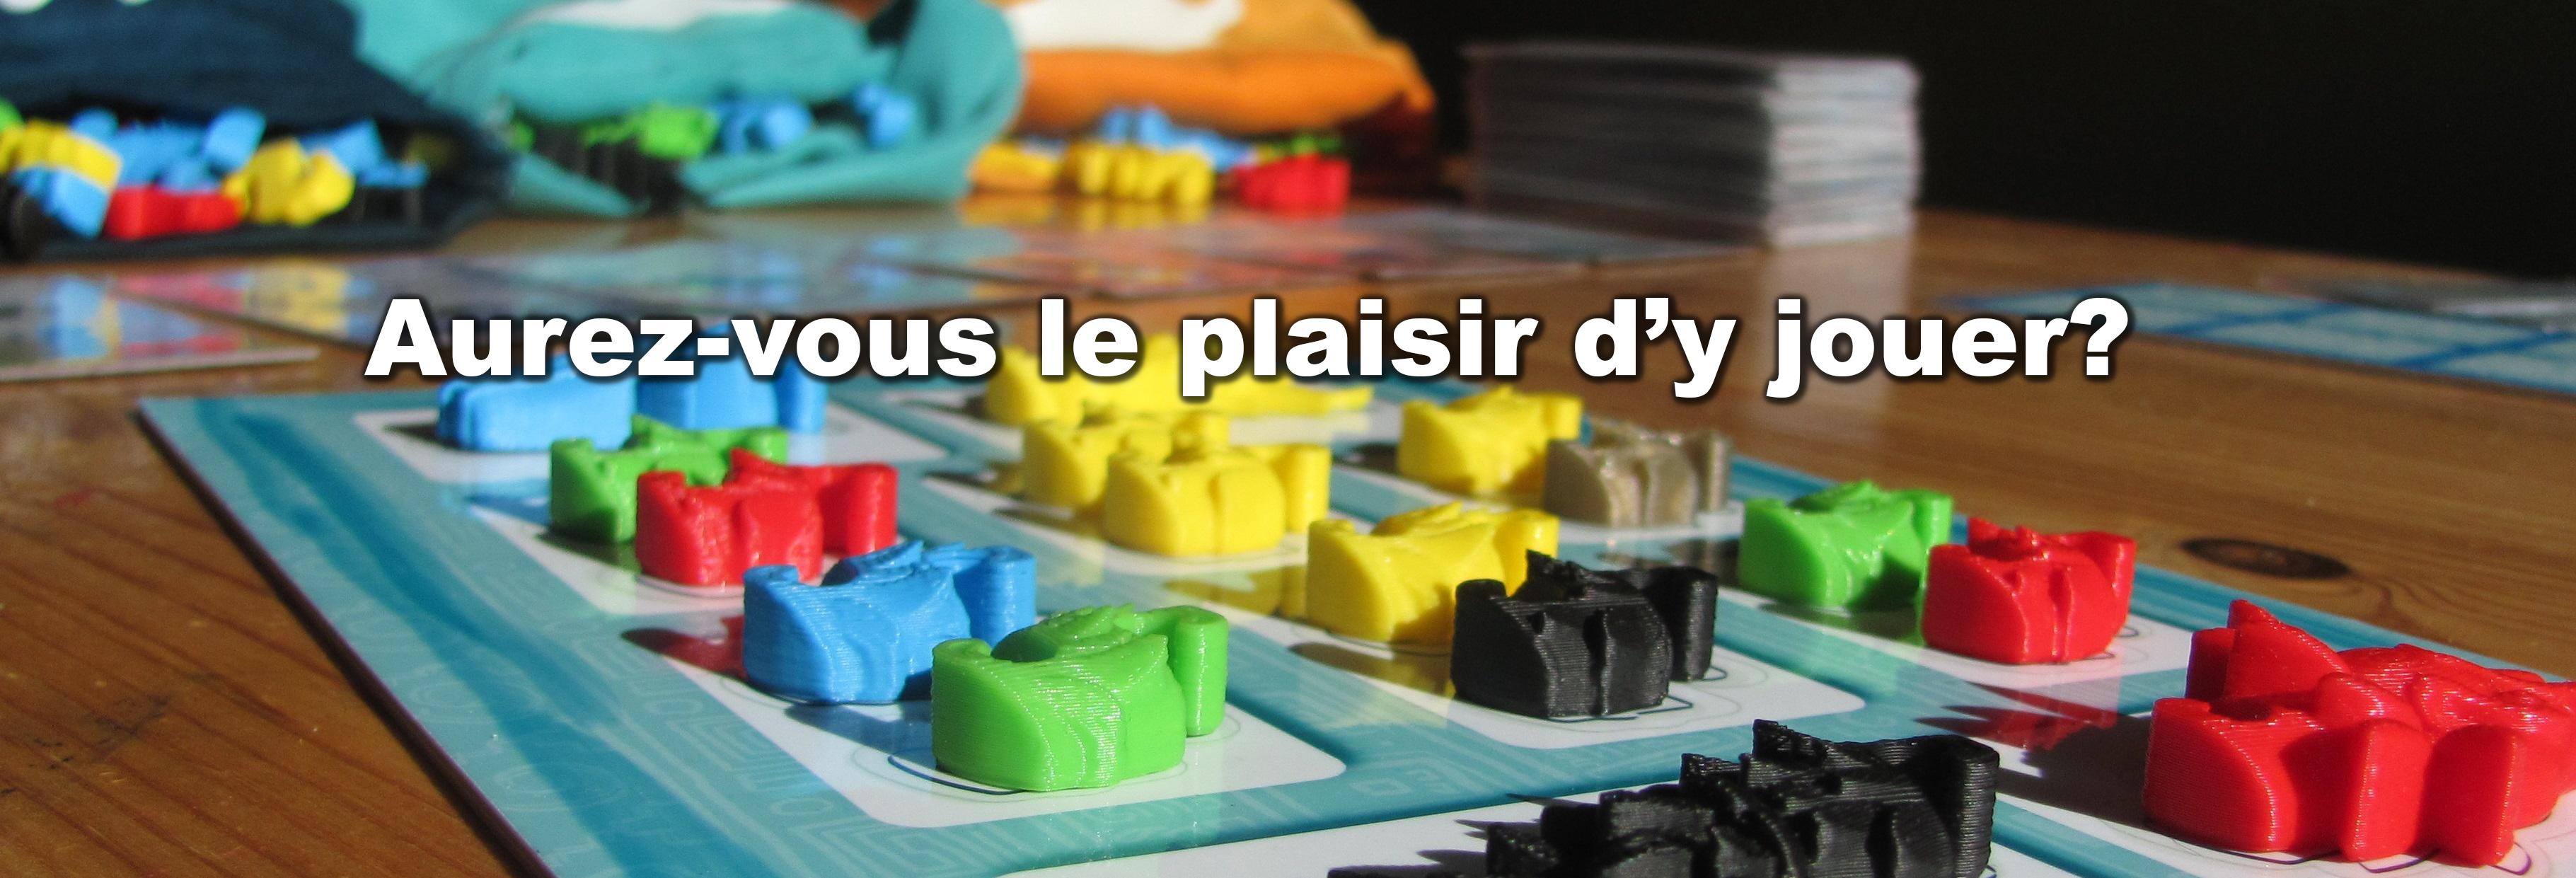 plaisir_dy_jouer